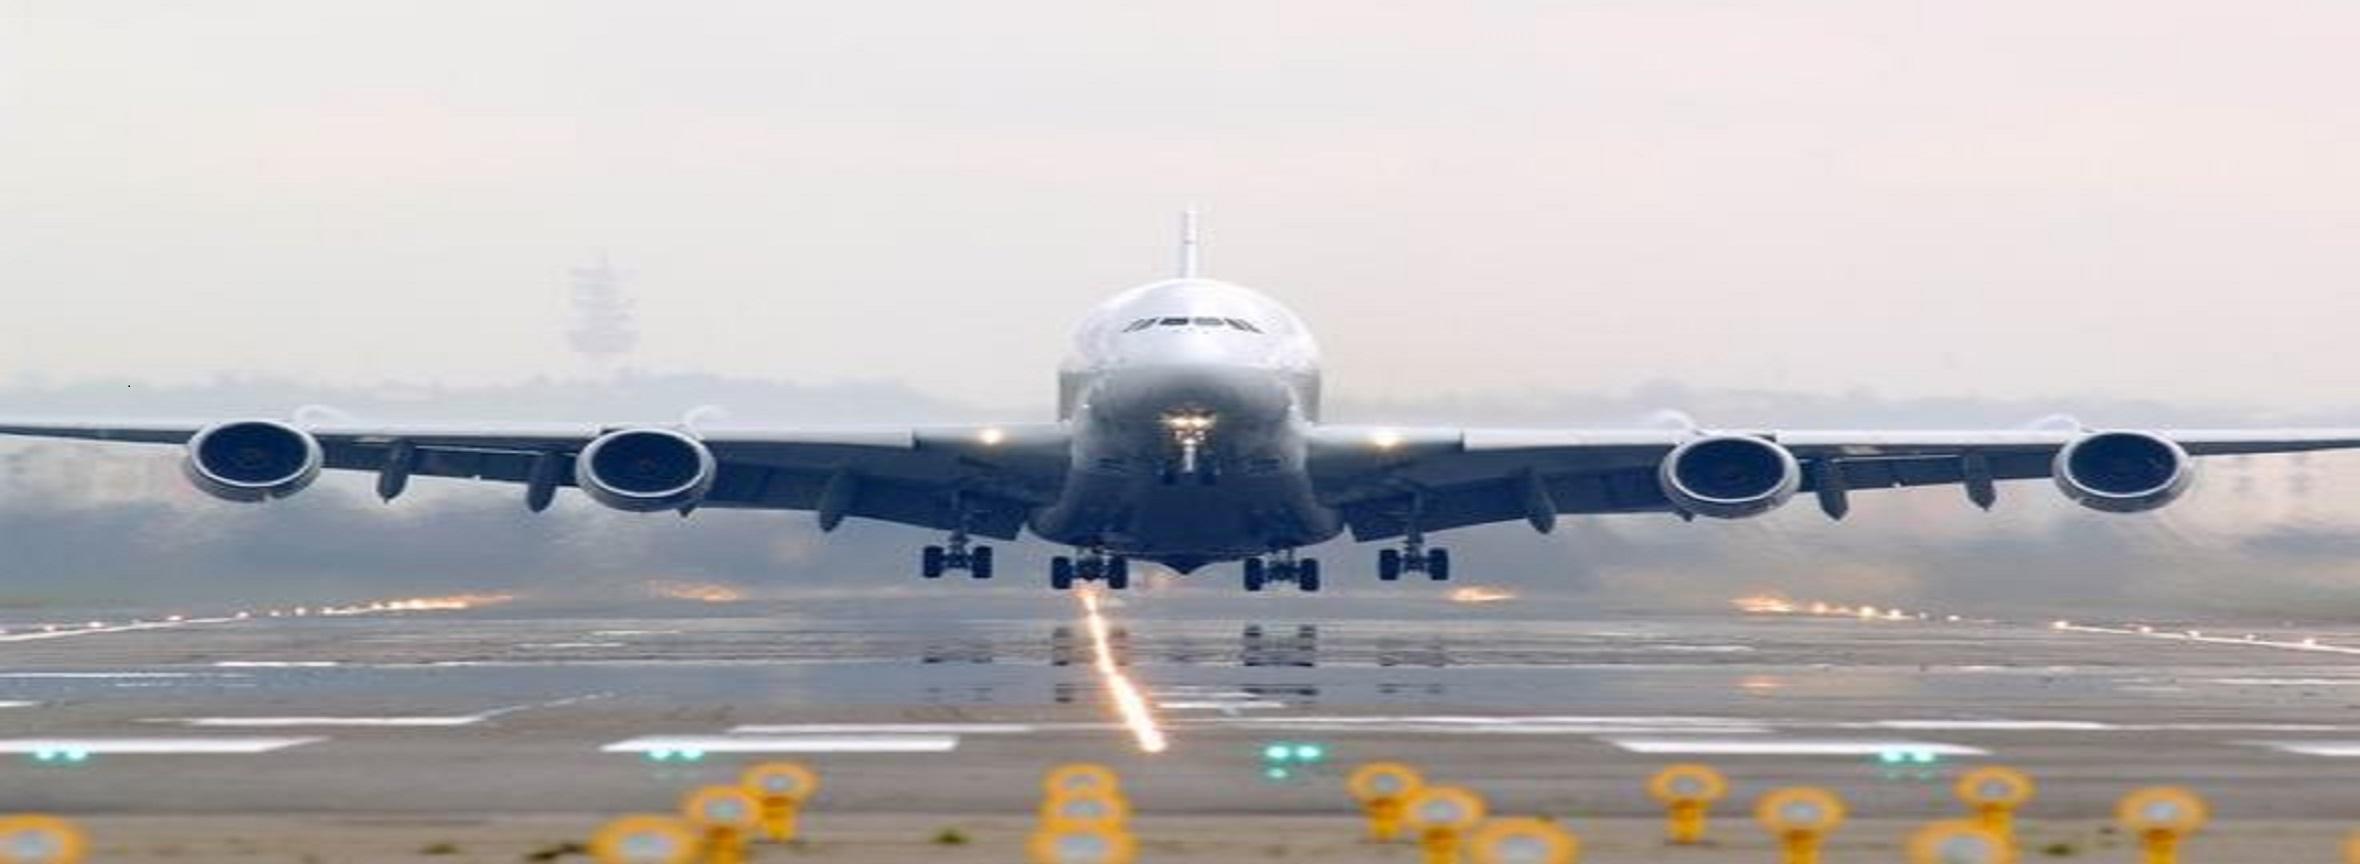 9月航空运输市场增速小幅回升